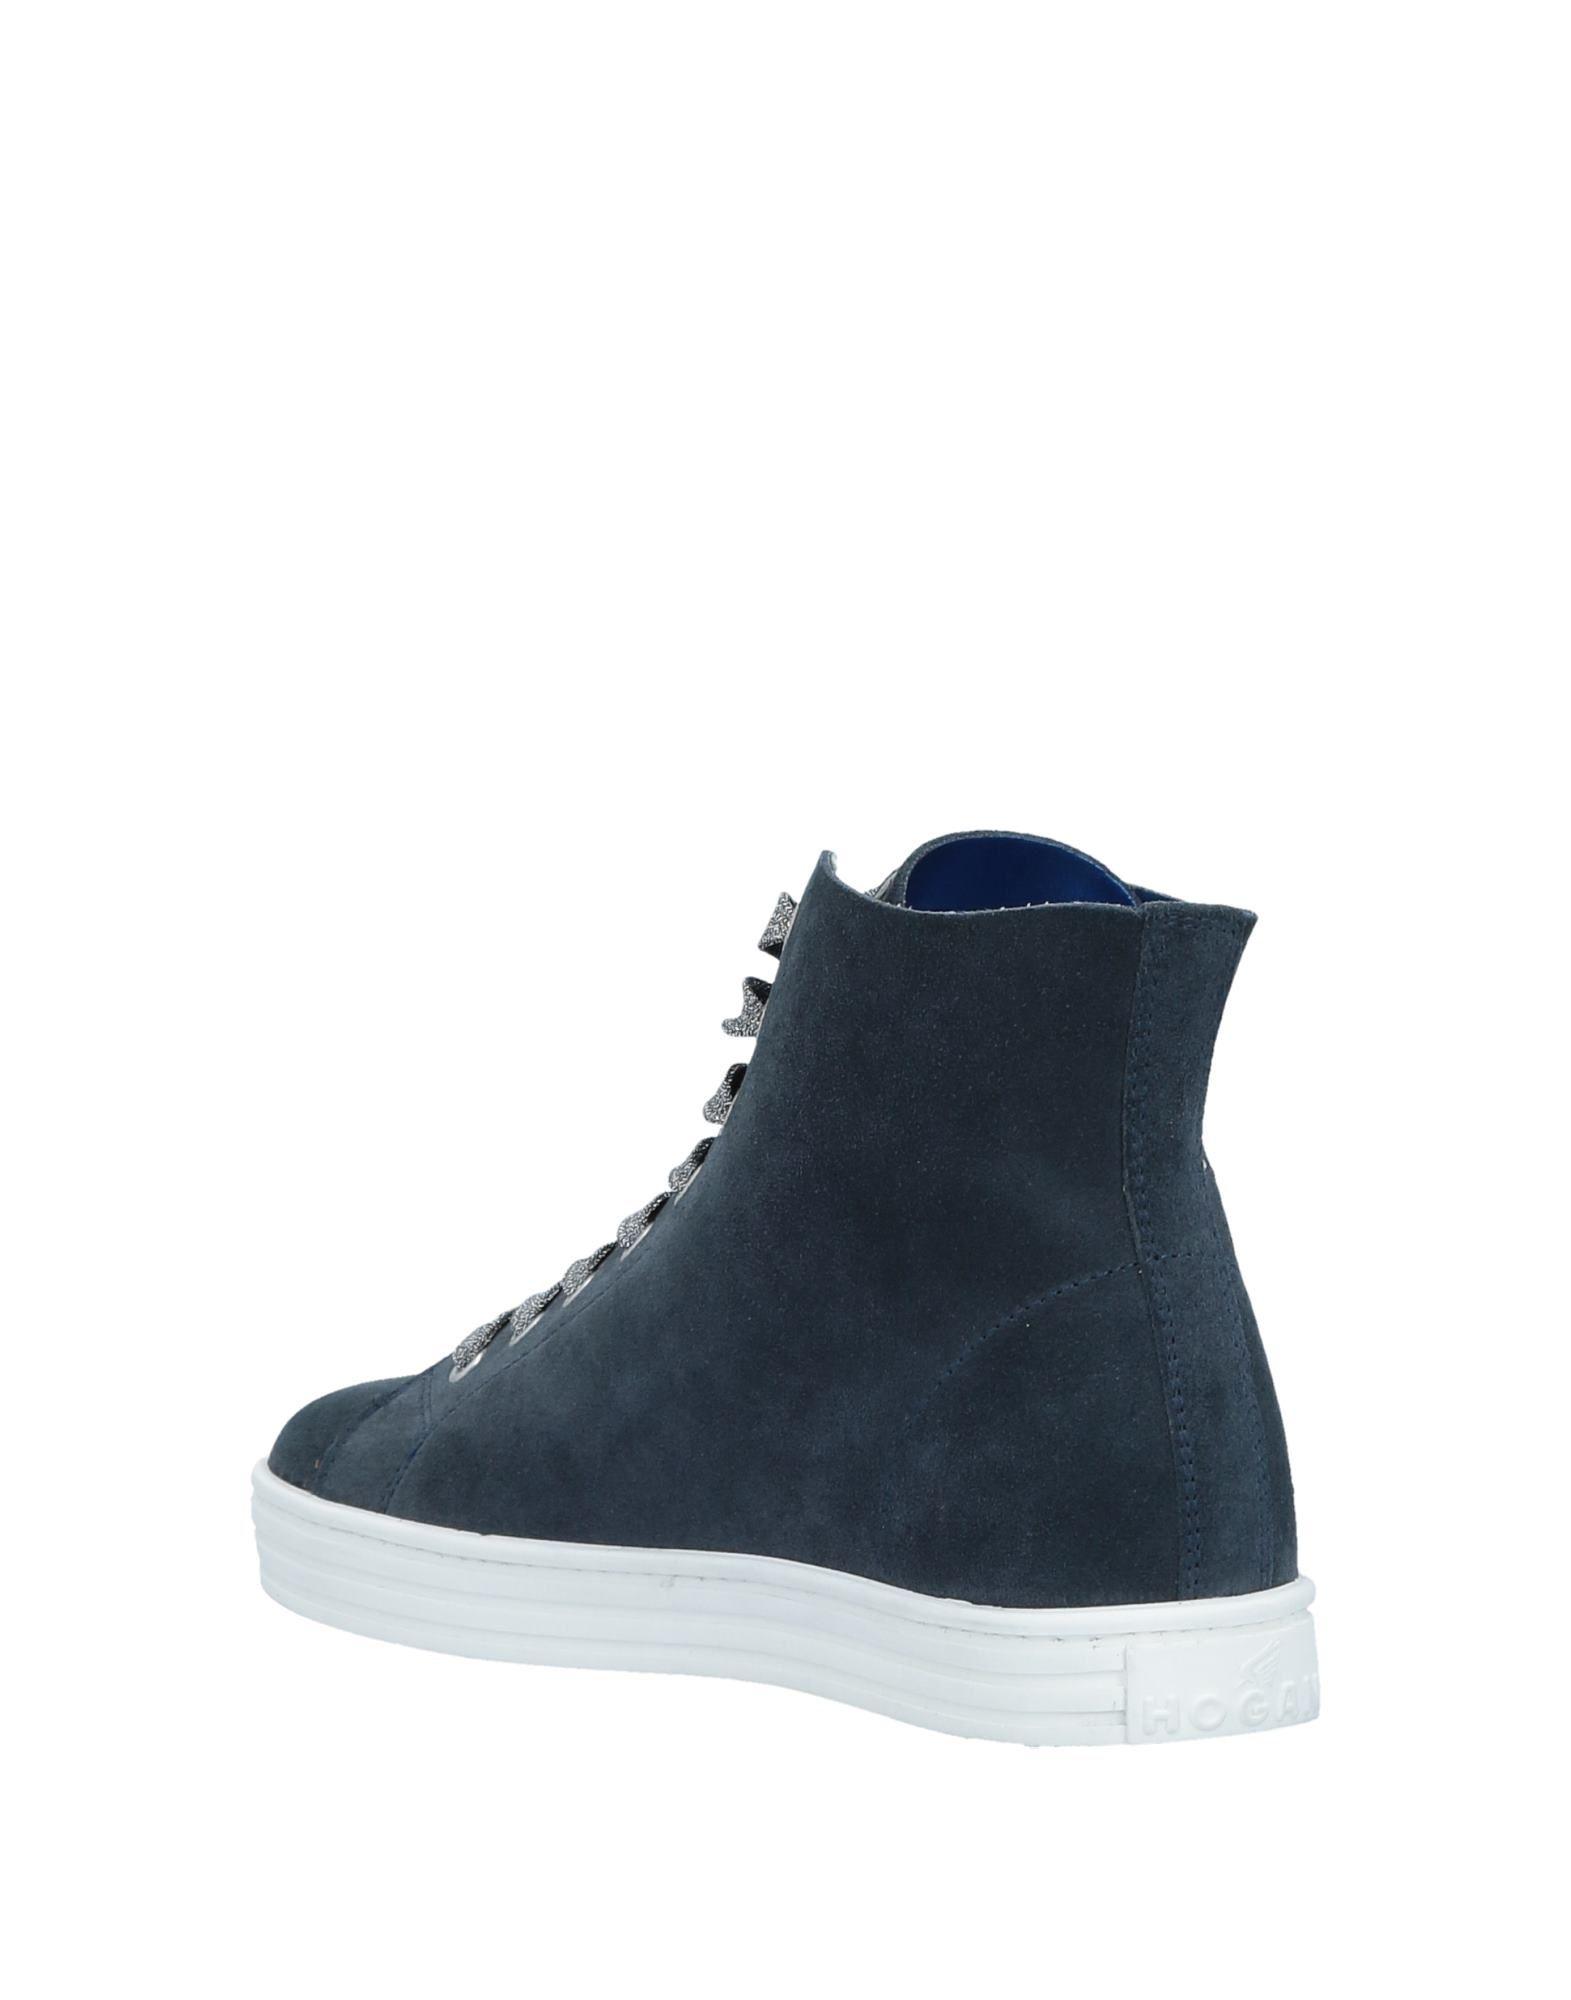 Hogan Rebel  Sneakers Damen  11516766AC  Rebel 4dc07b